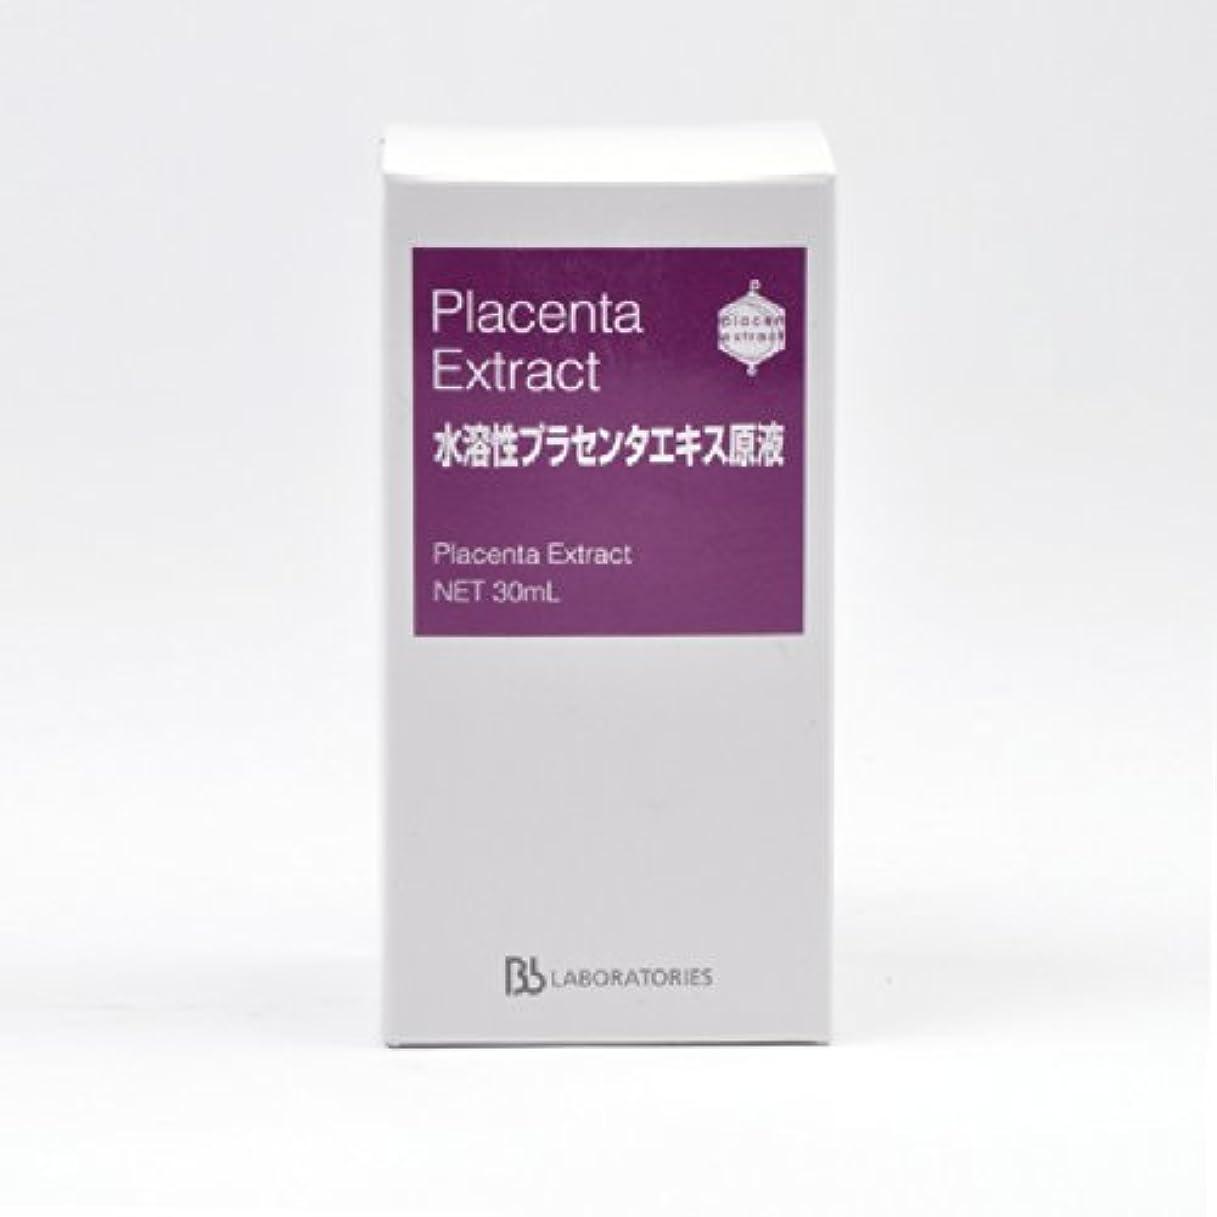 しおれた魔術クスクスBbラボラトリーズ 水溶性プラセンタエキス原液 (30ml)